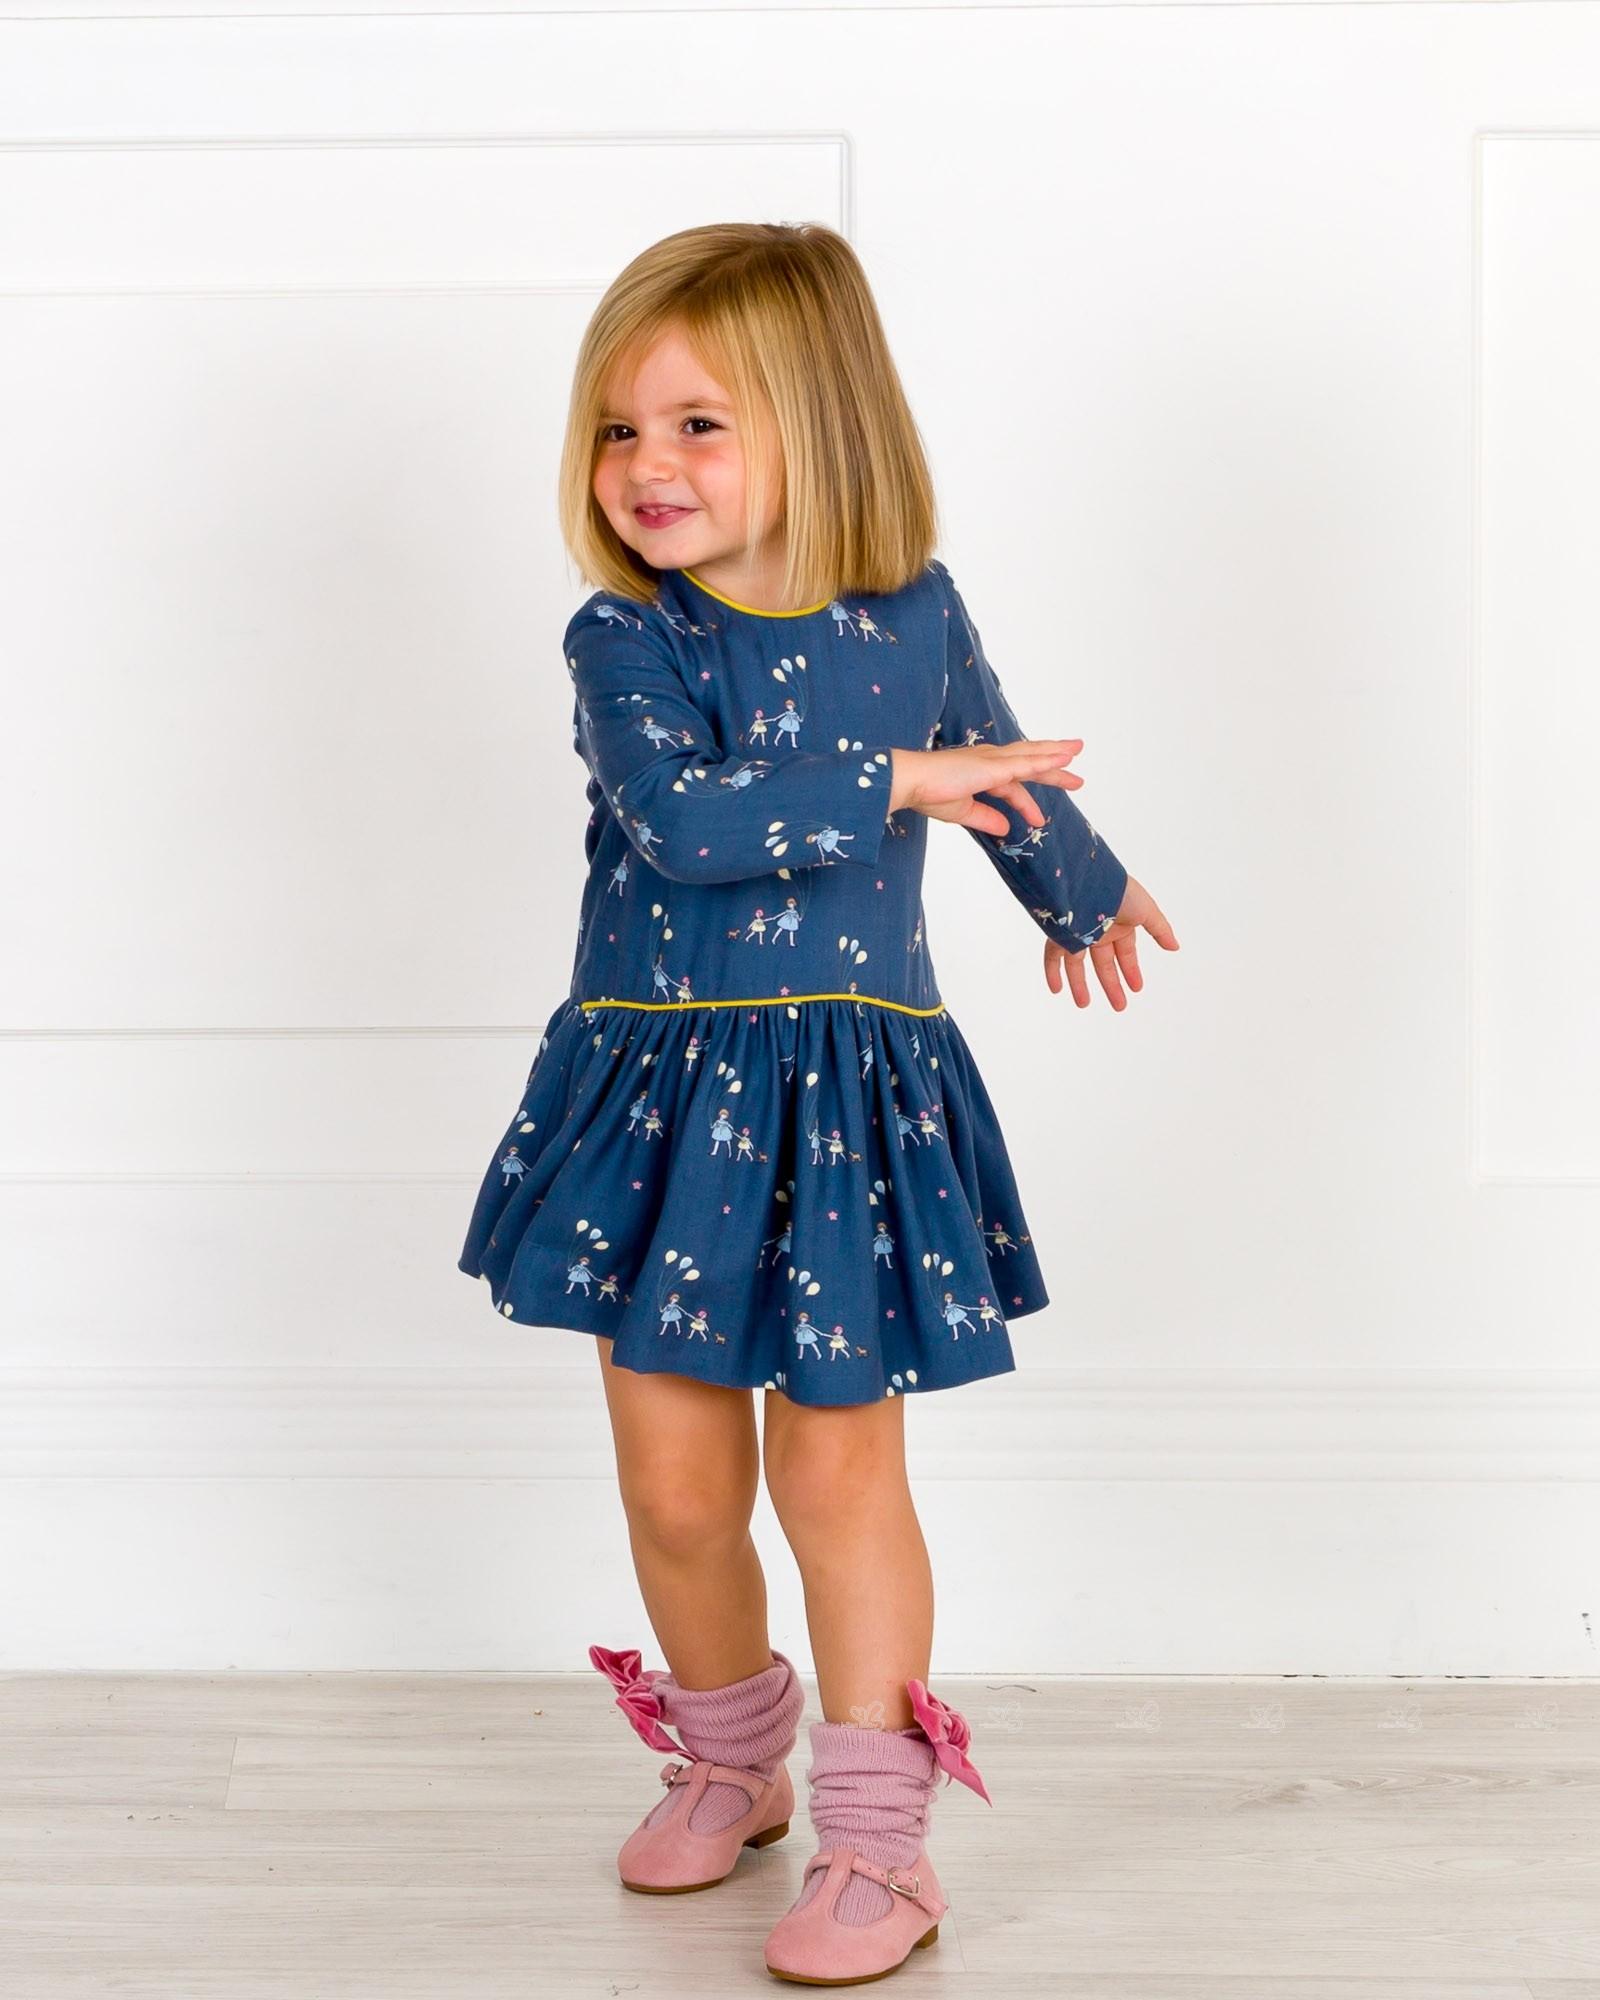 bffe23021 Outfit Niña Vestido Globos Azul   Calzas Rosa Palo